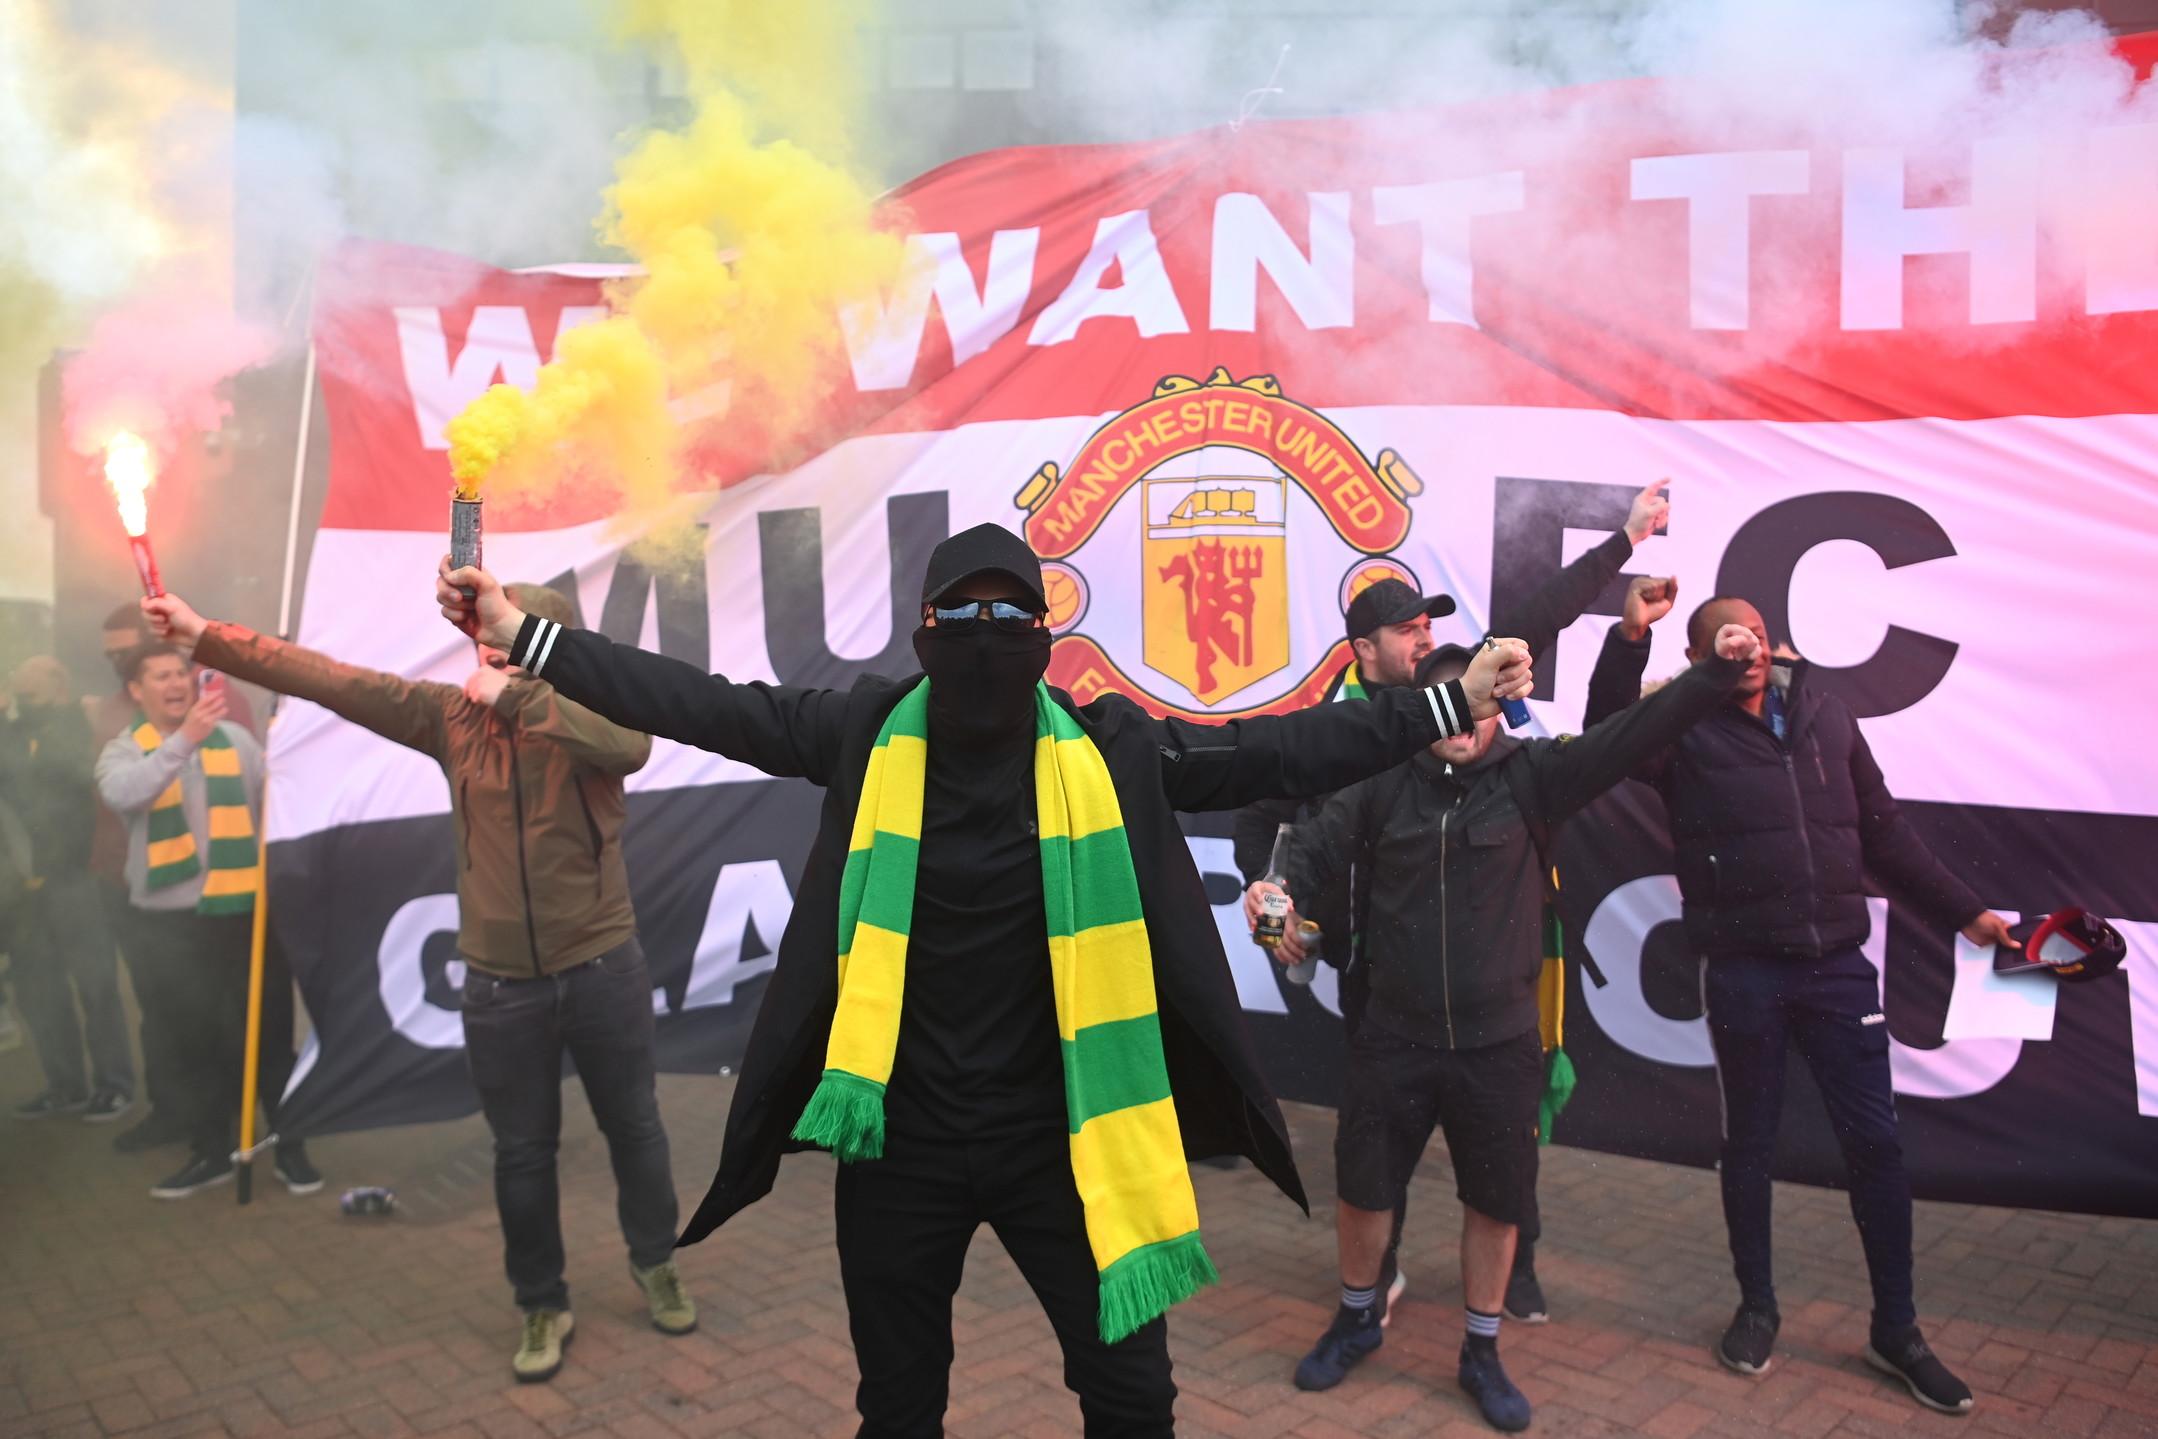 Non si arrestano le proteste dei tifosi del Manchester United verso la famiglia Glazer, proprietaria del club. Gi&agrave; da tempo in rotta di collisione con l&#39;attuale gestione, i supporter dei Red Devils&nbsp;hanno duramente criticato l&#39;adesione (poi ritirata) alla Super League e continuano a chiedere che gli&nbsp;americani cedano la societ&agrave; ad un nuovo proprietario. Prima del match contro il Liverpool si sono radunati fuori dallo stadio, poi sono riusciti anche ad invadere il campo per mostrare striscioni contro i Glazer e cantare cori.<br /><br />